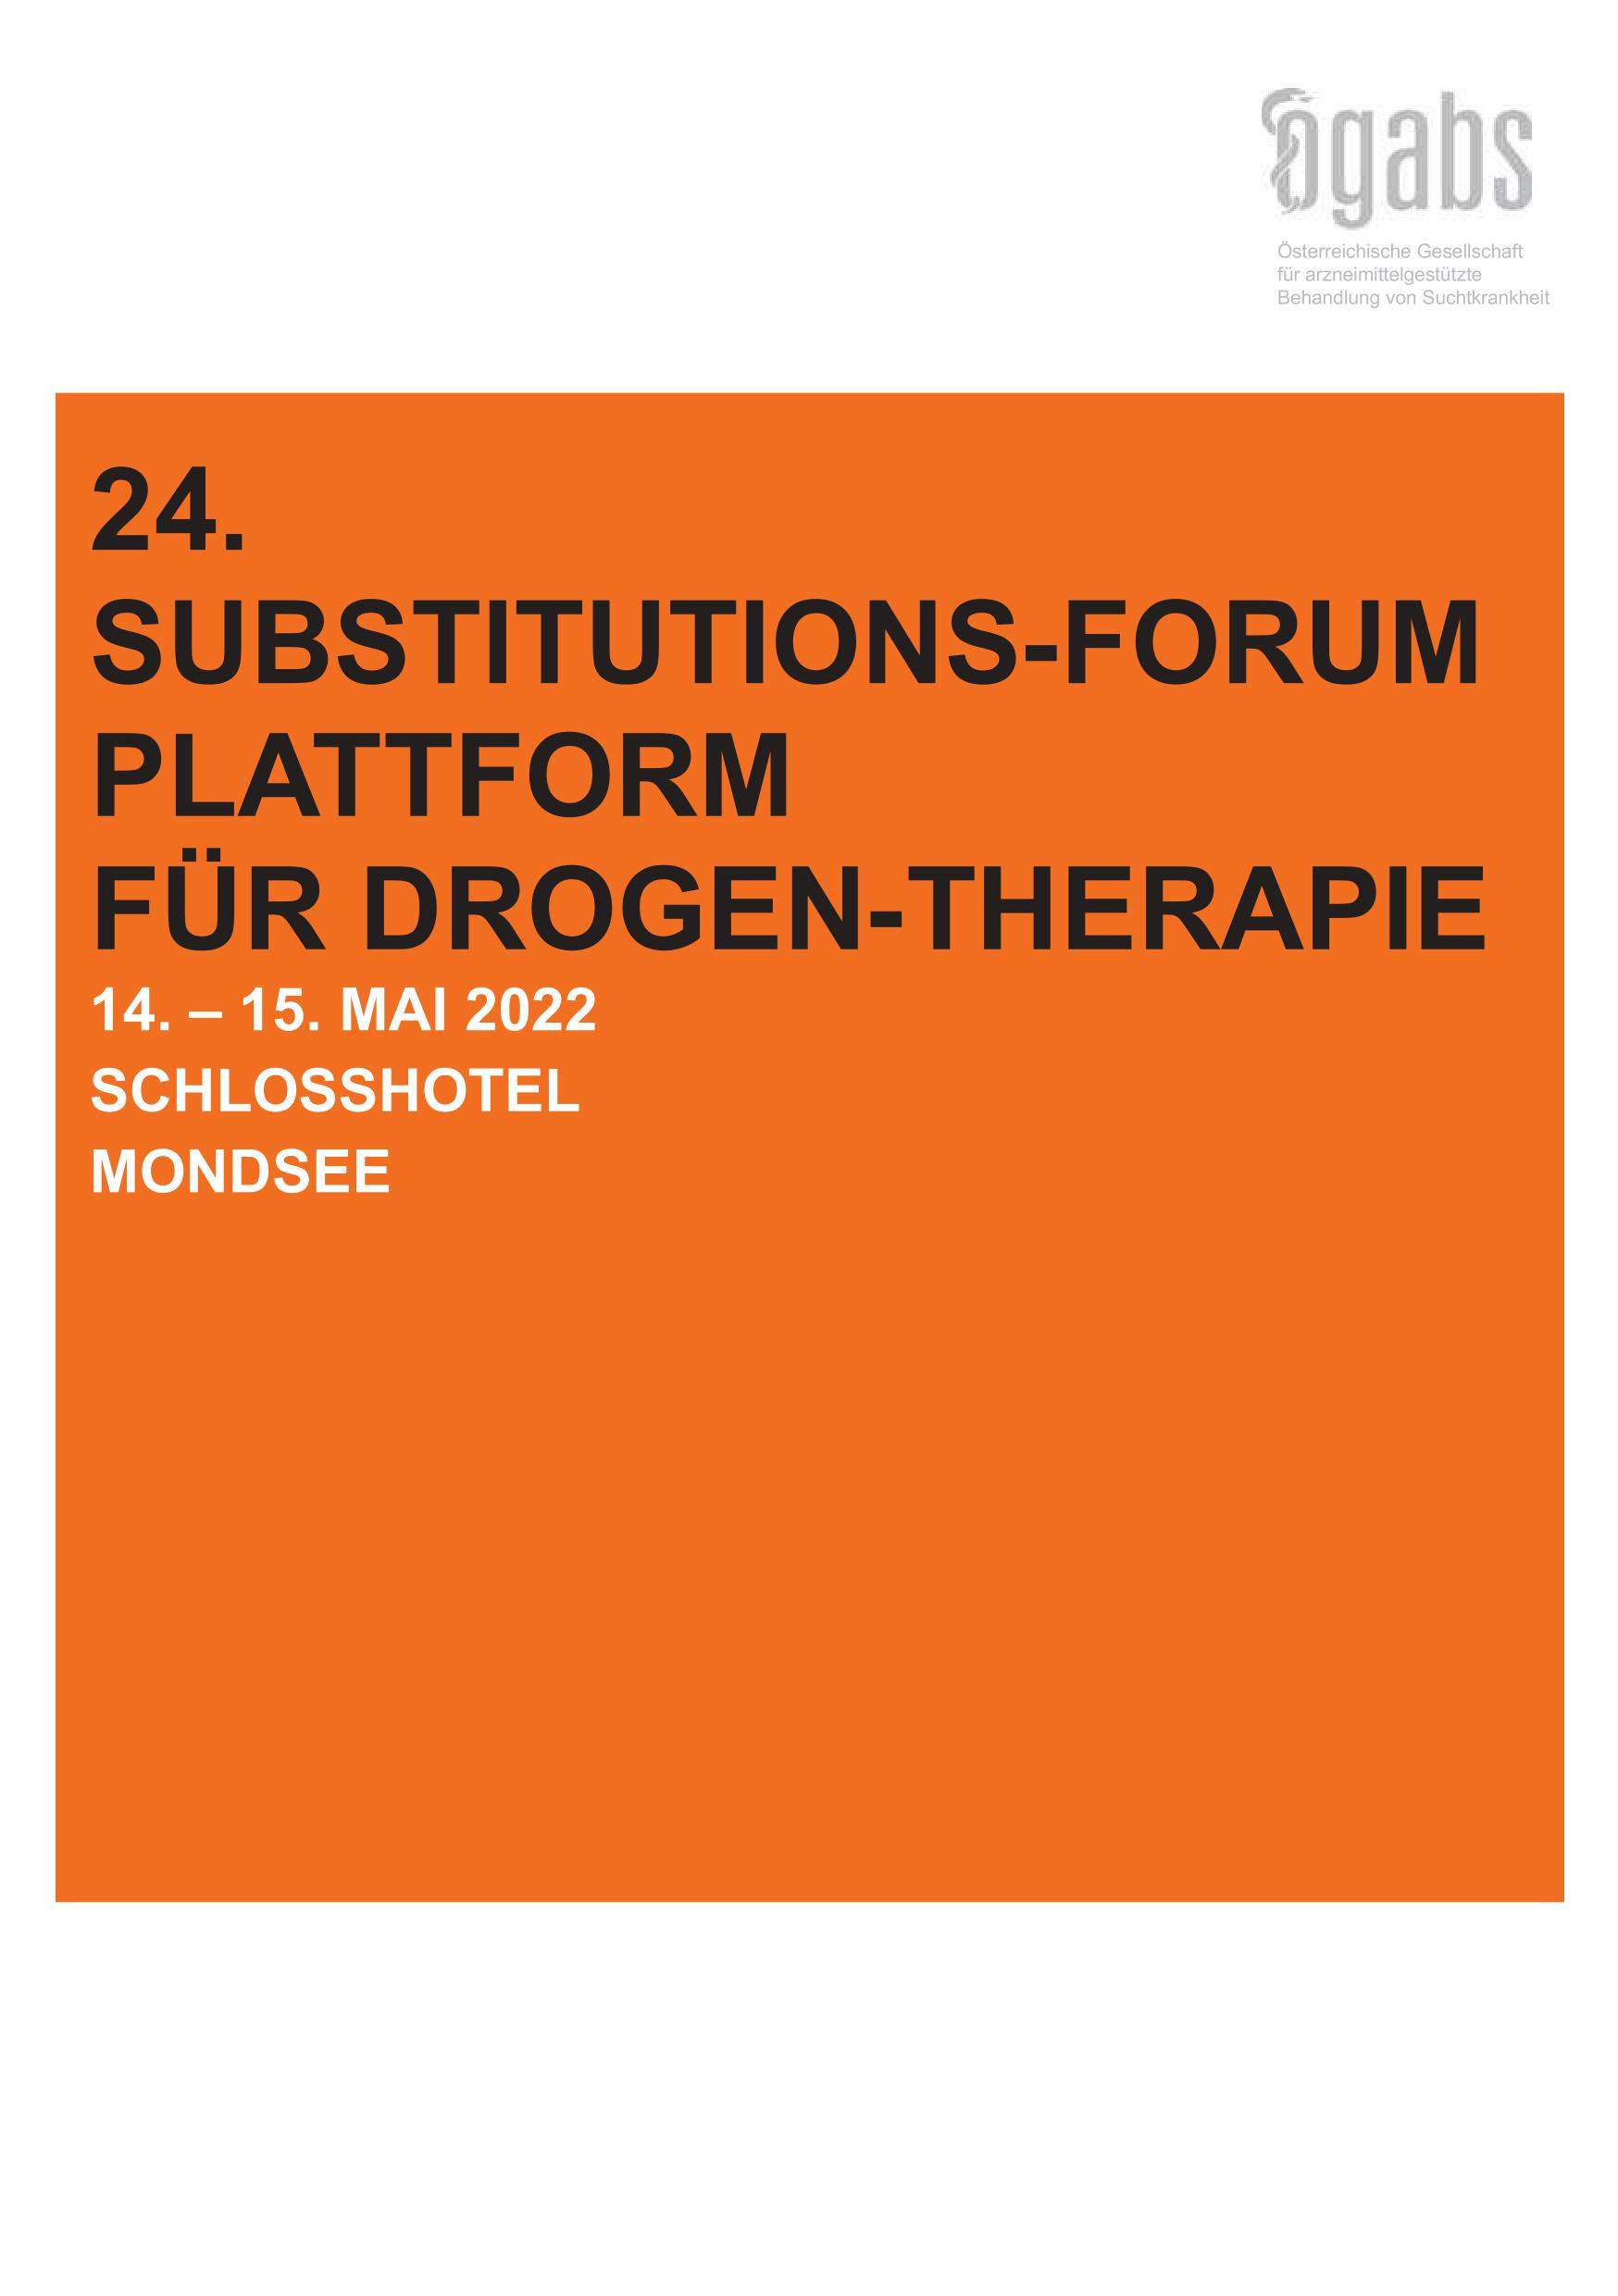 24. Substitutions-Forum